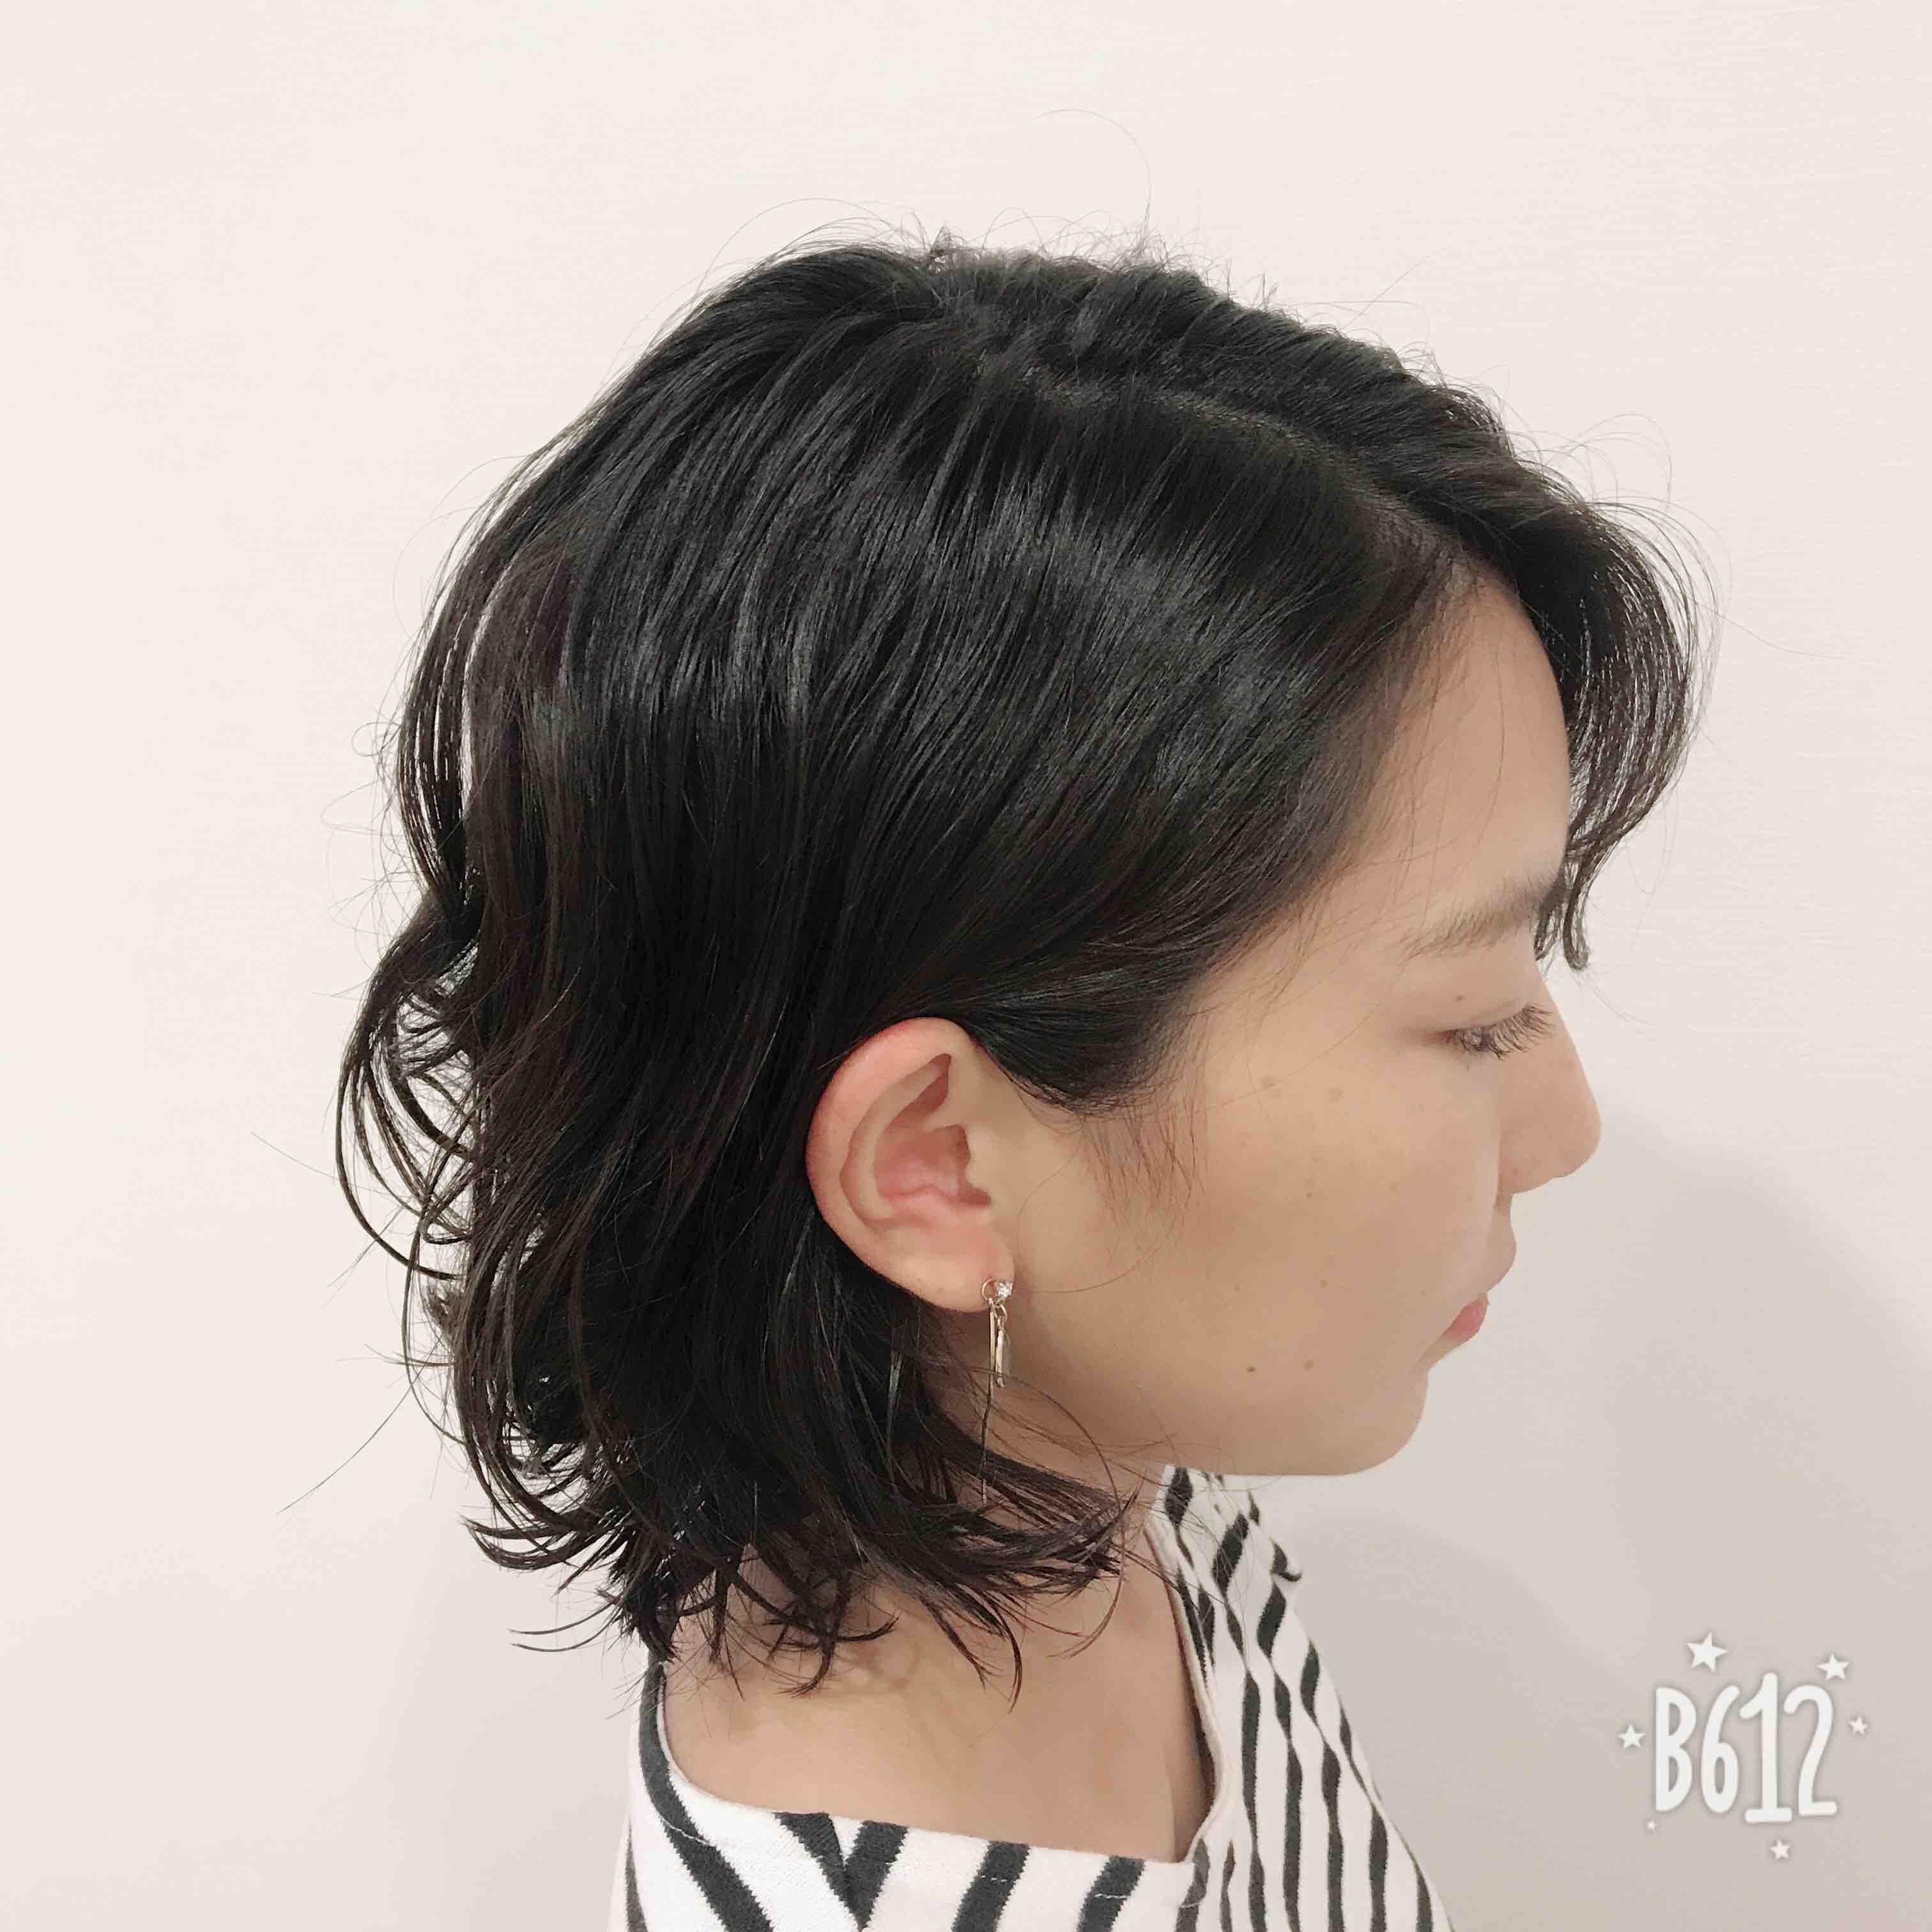 fc2blog_201808271738341e3.jpg